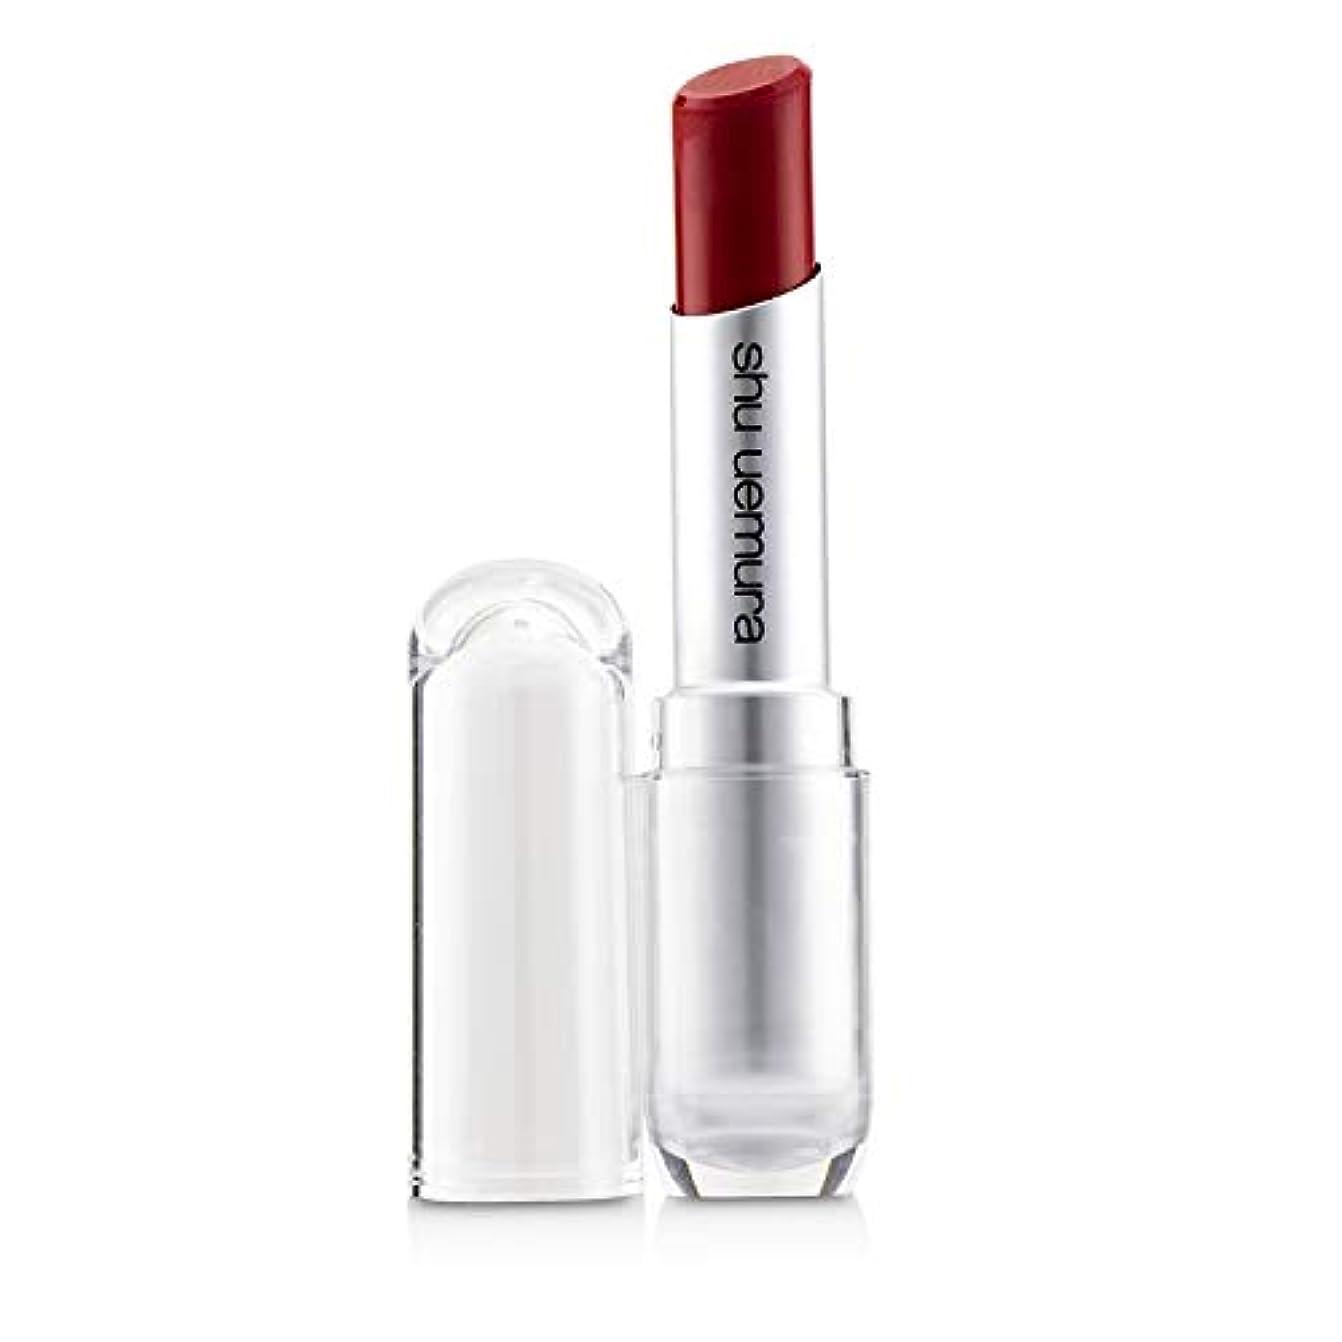 勉強するピクニック無数のシュウウエムラ Rouge Unlimited Matte Lipstick - # M RD 144 3.4g/0.11oz並行輸入品